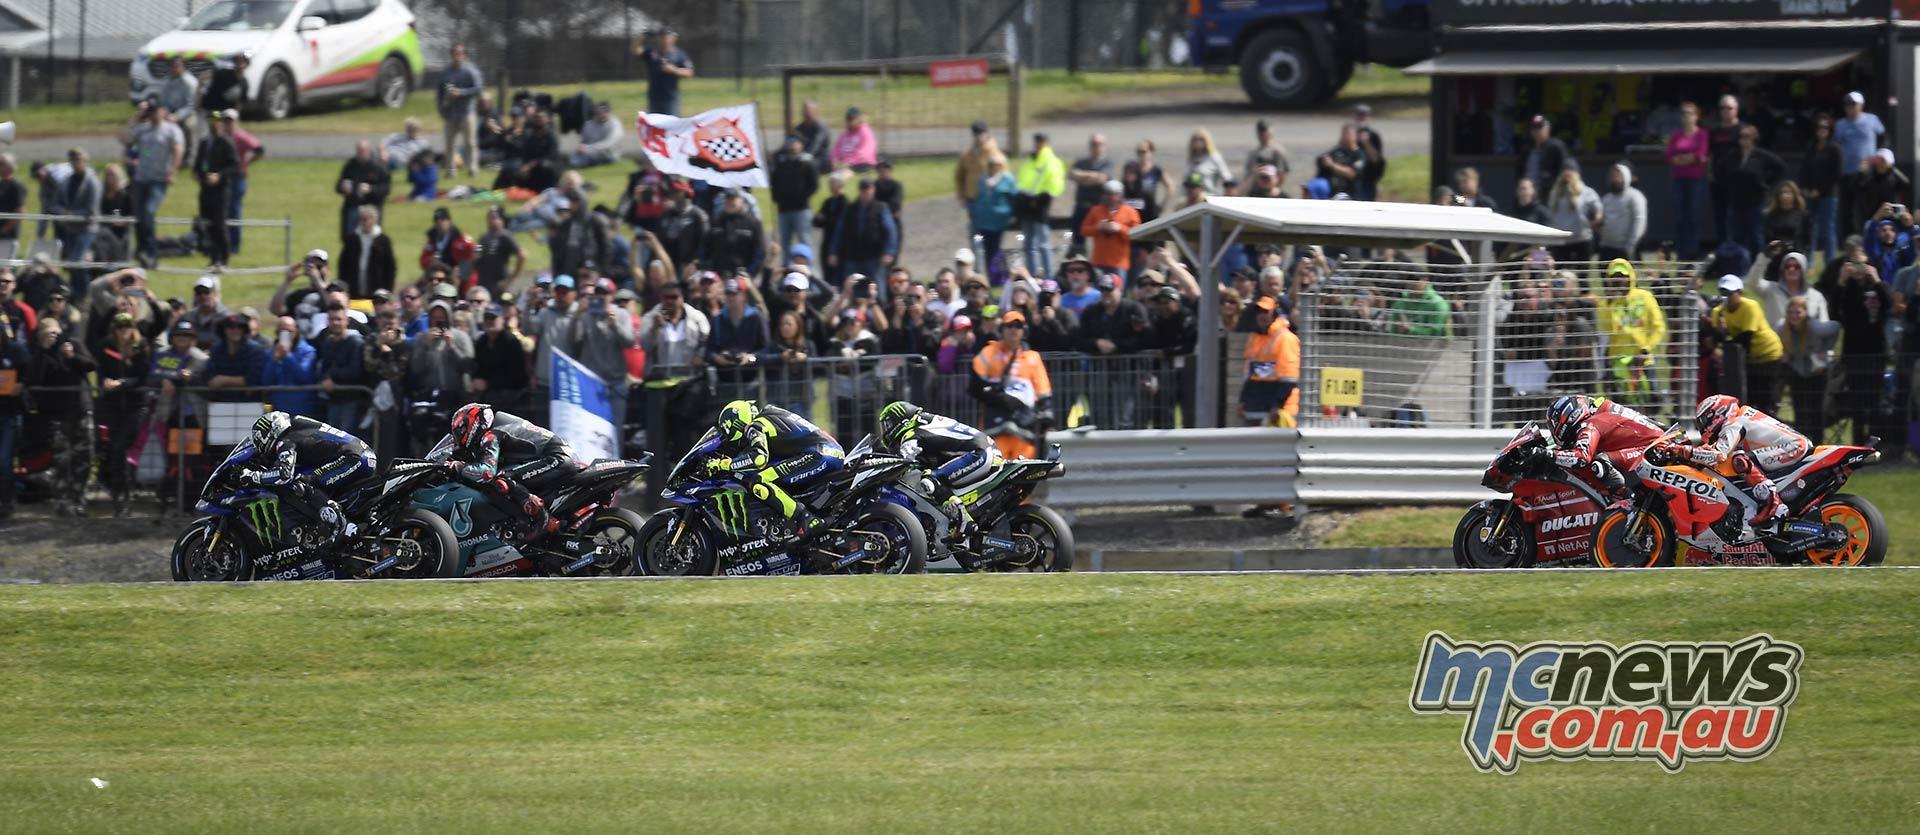 MotoGP Phillip Island Australia Race Start